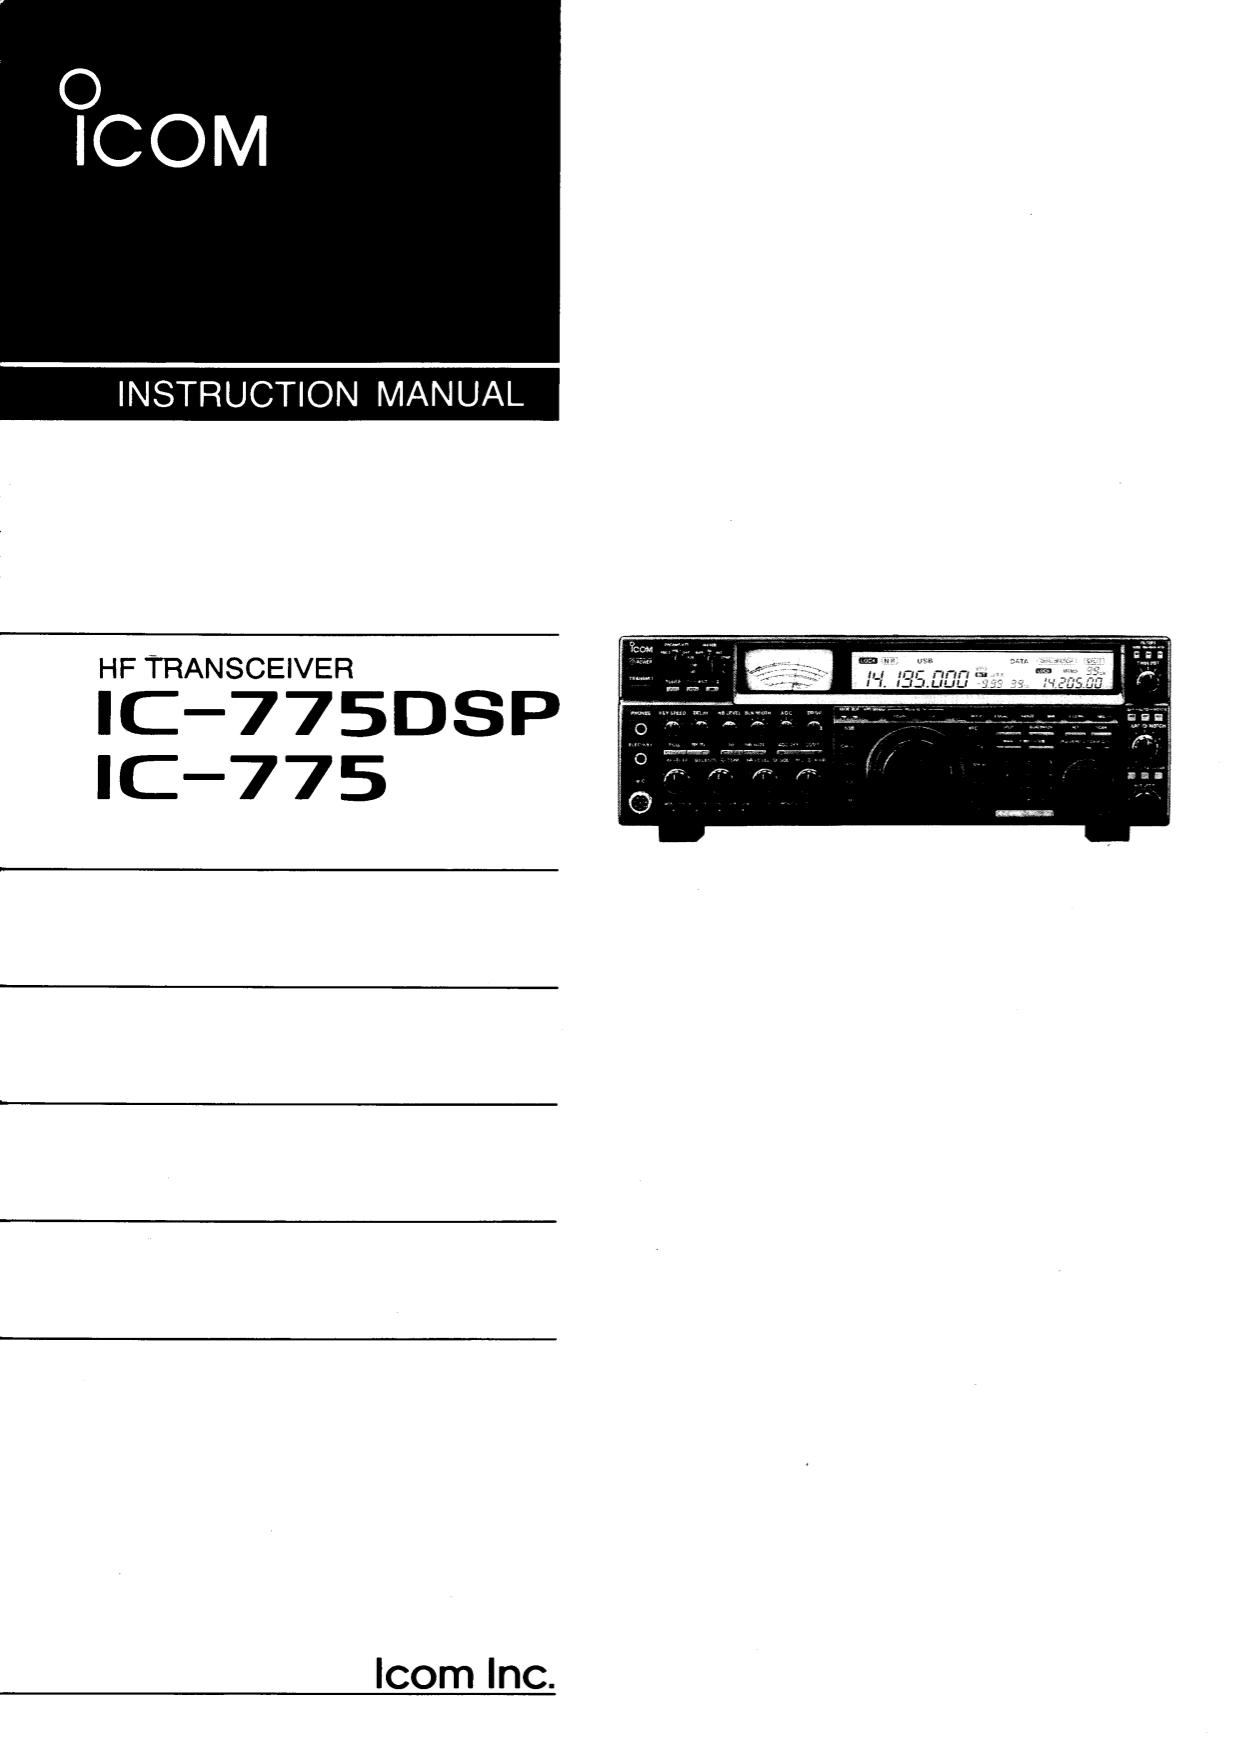 Ic 775 manual